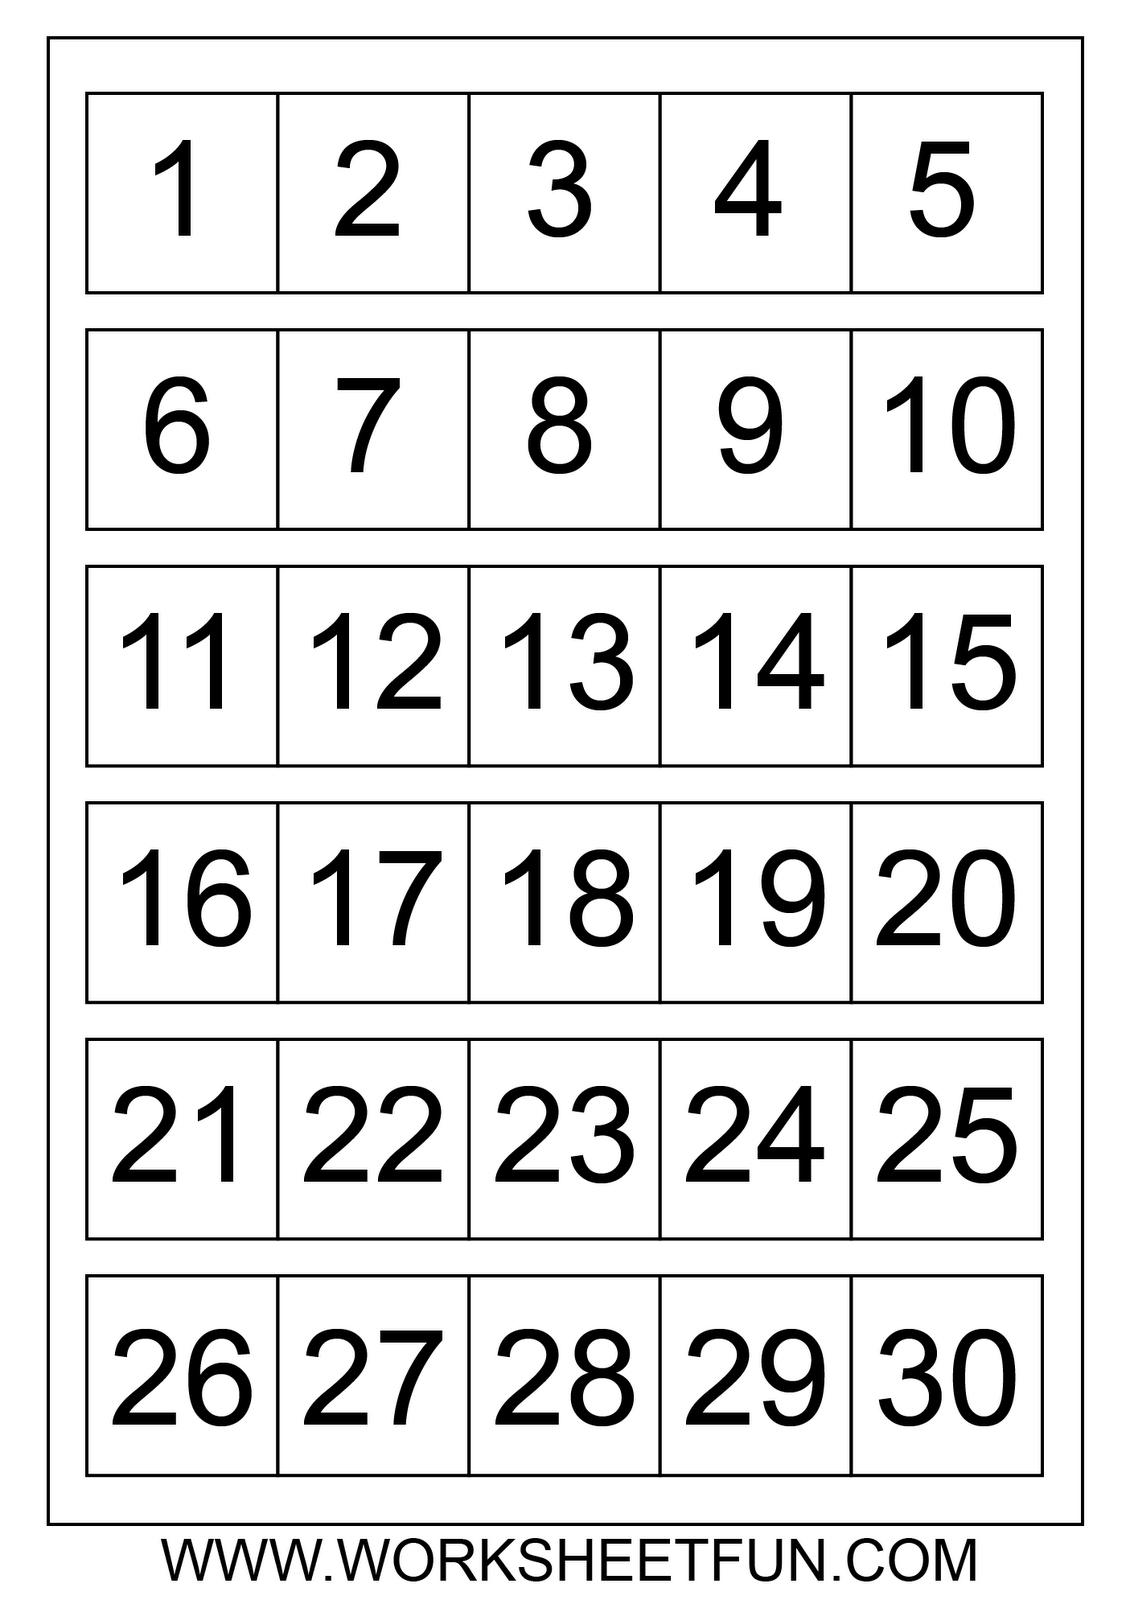 June 2018 - Page 5 - Template Calendar Design